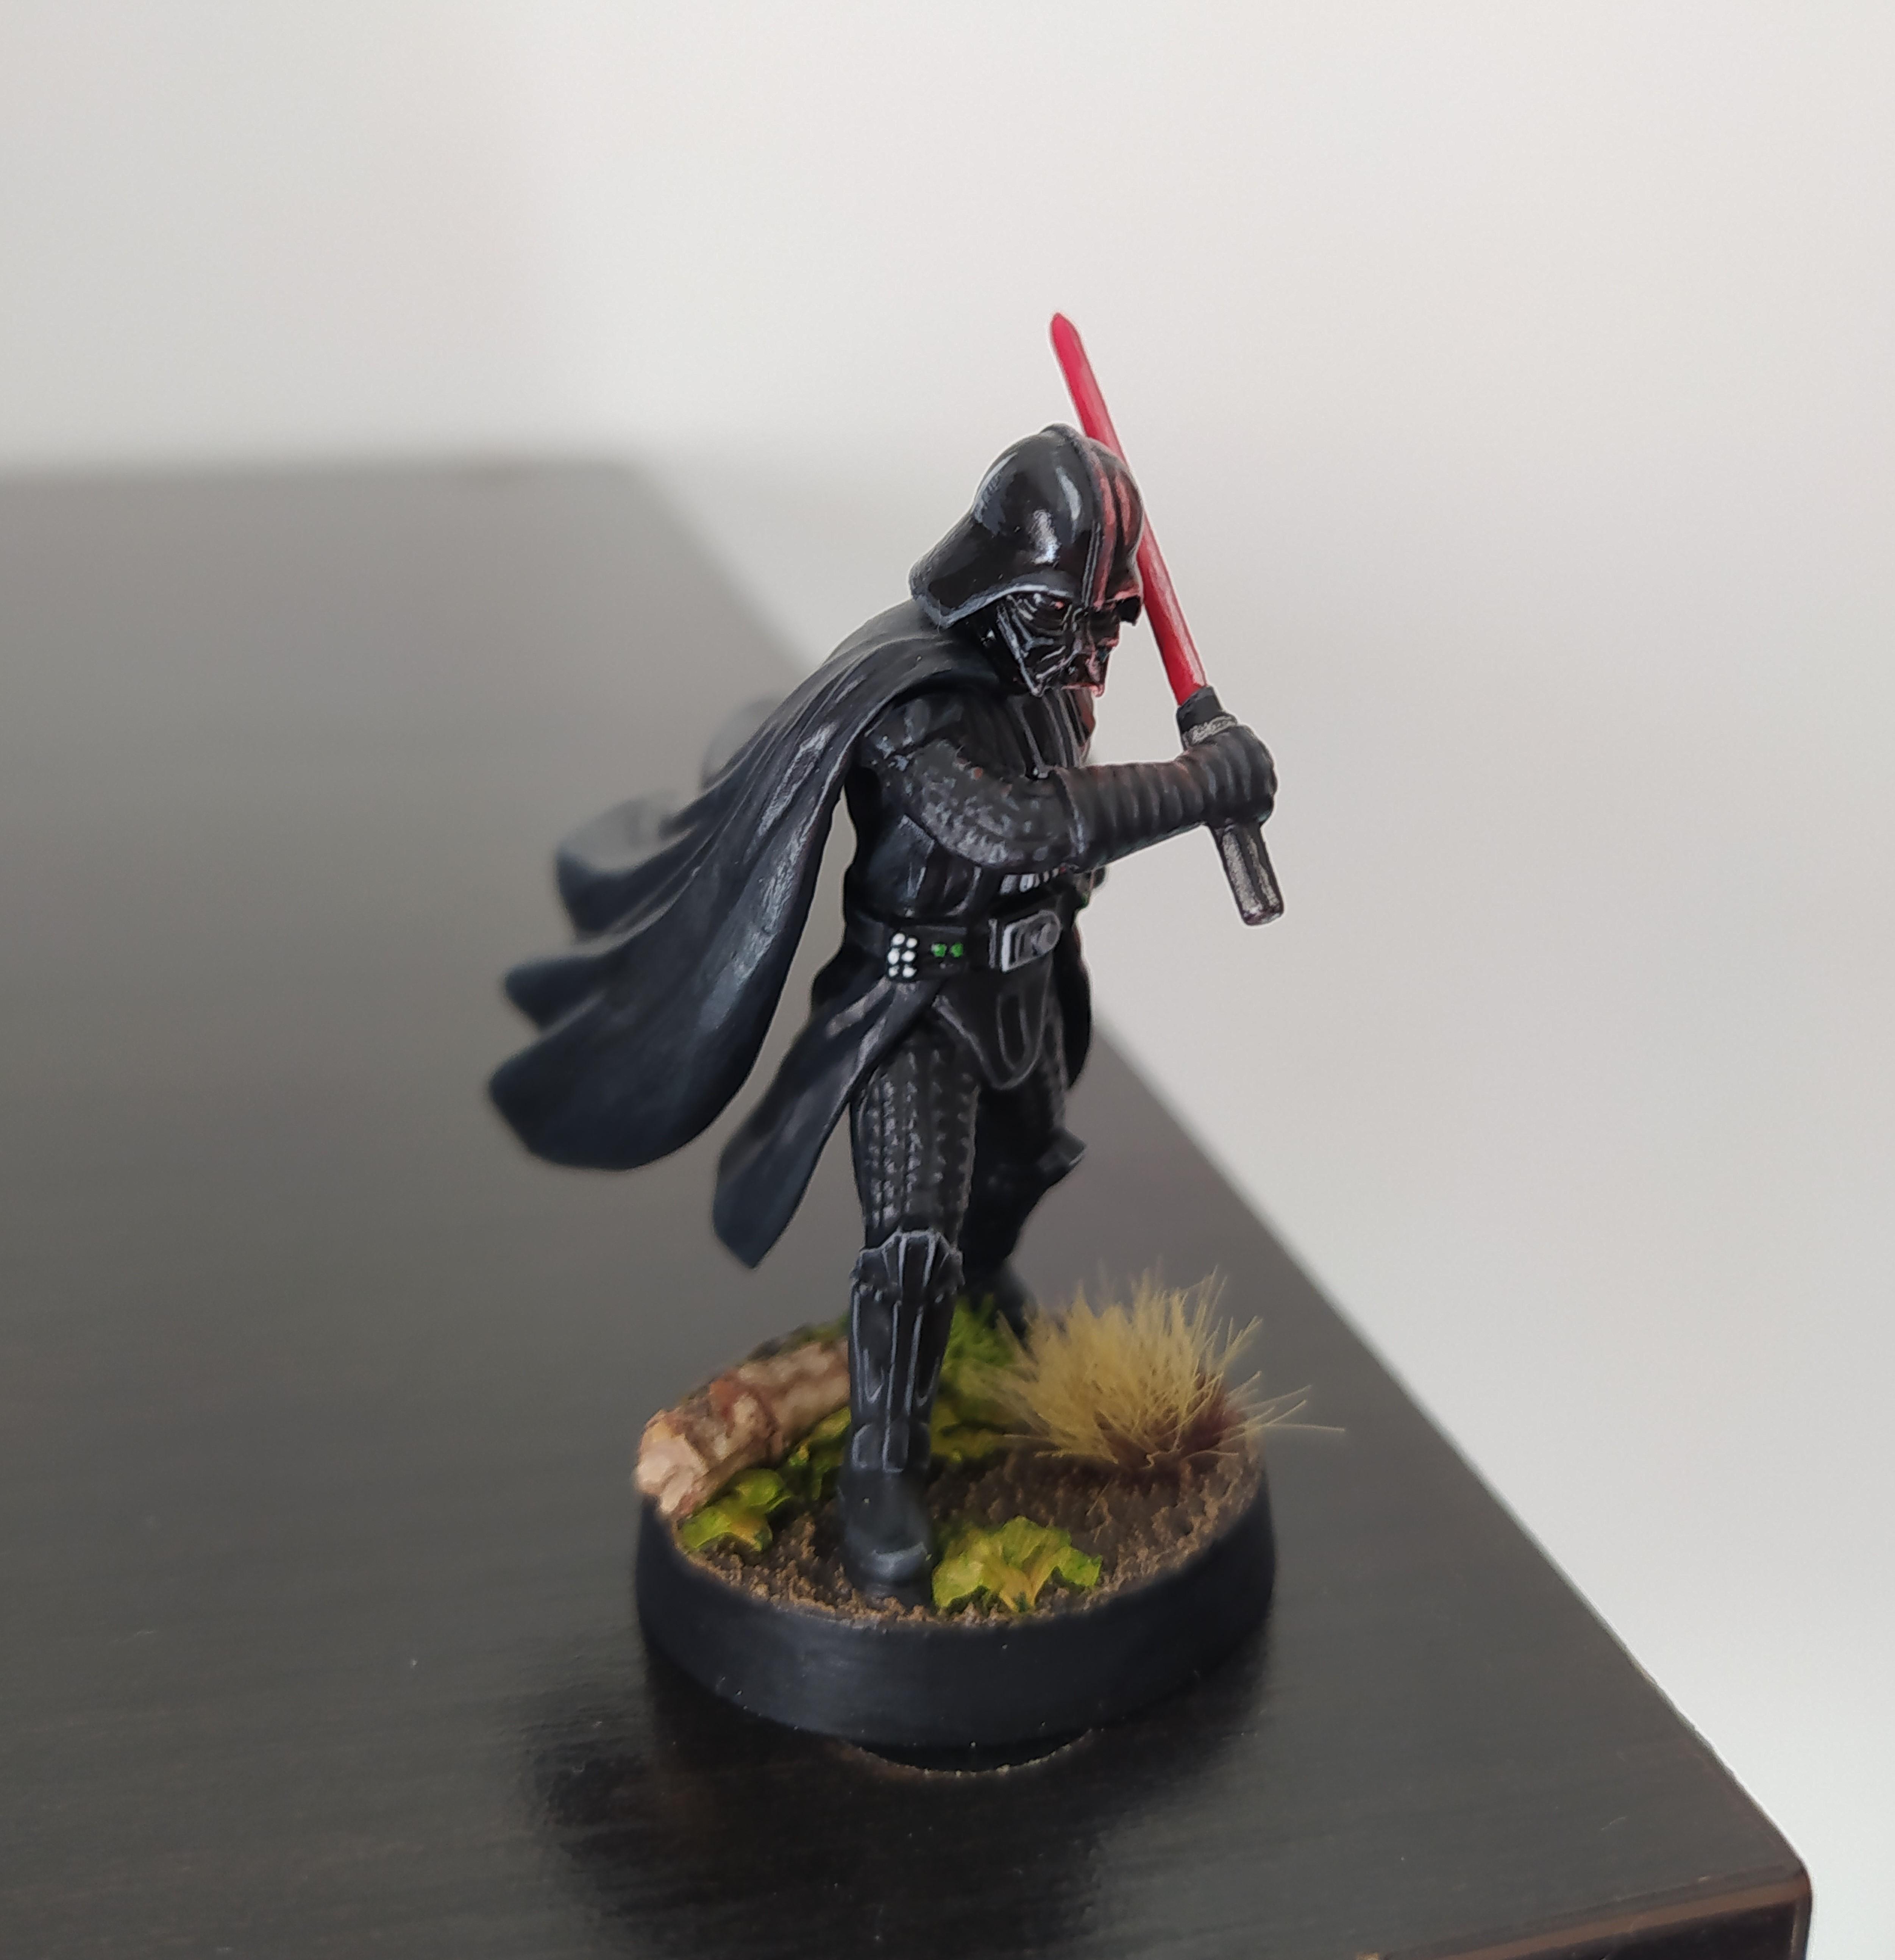 Star Wars Legion, Darth Vader